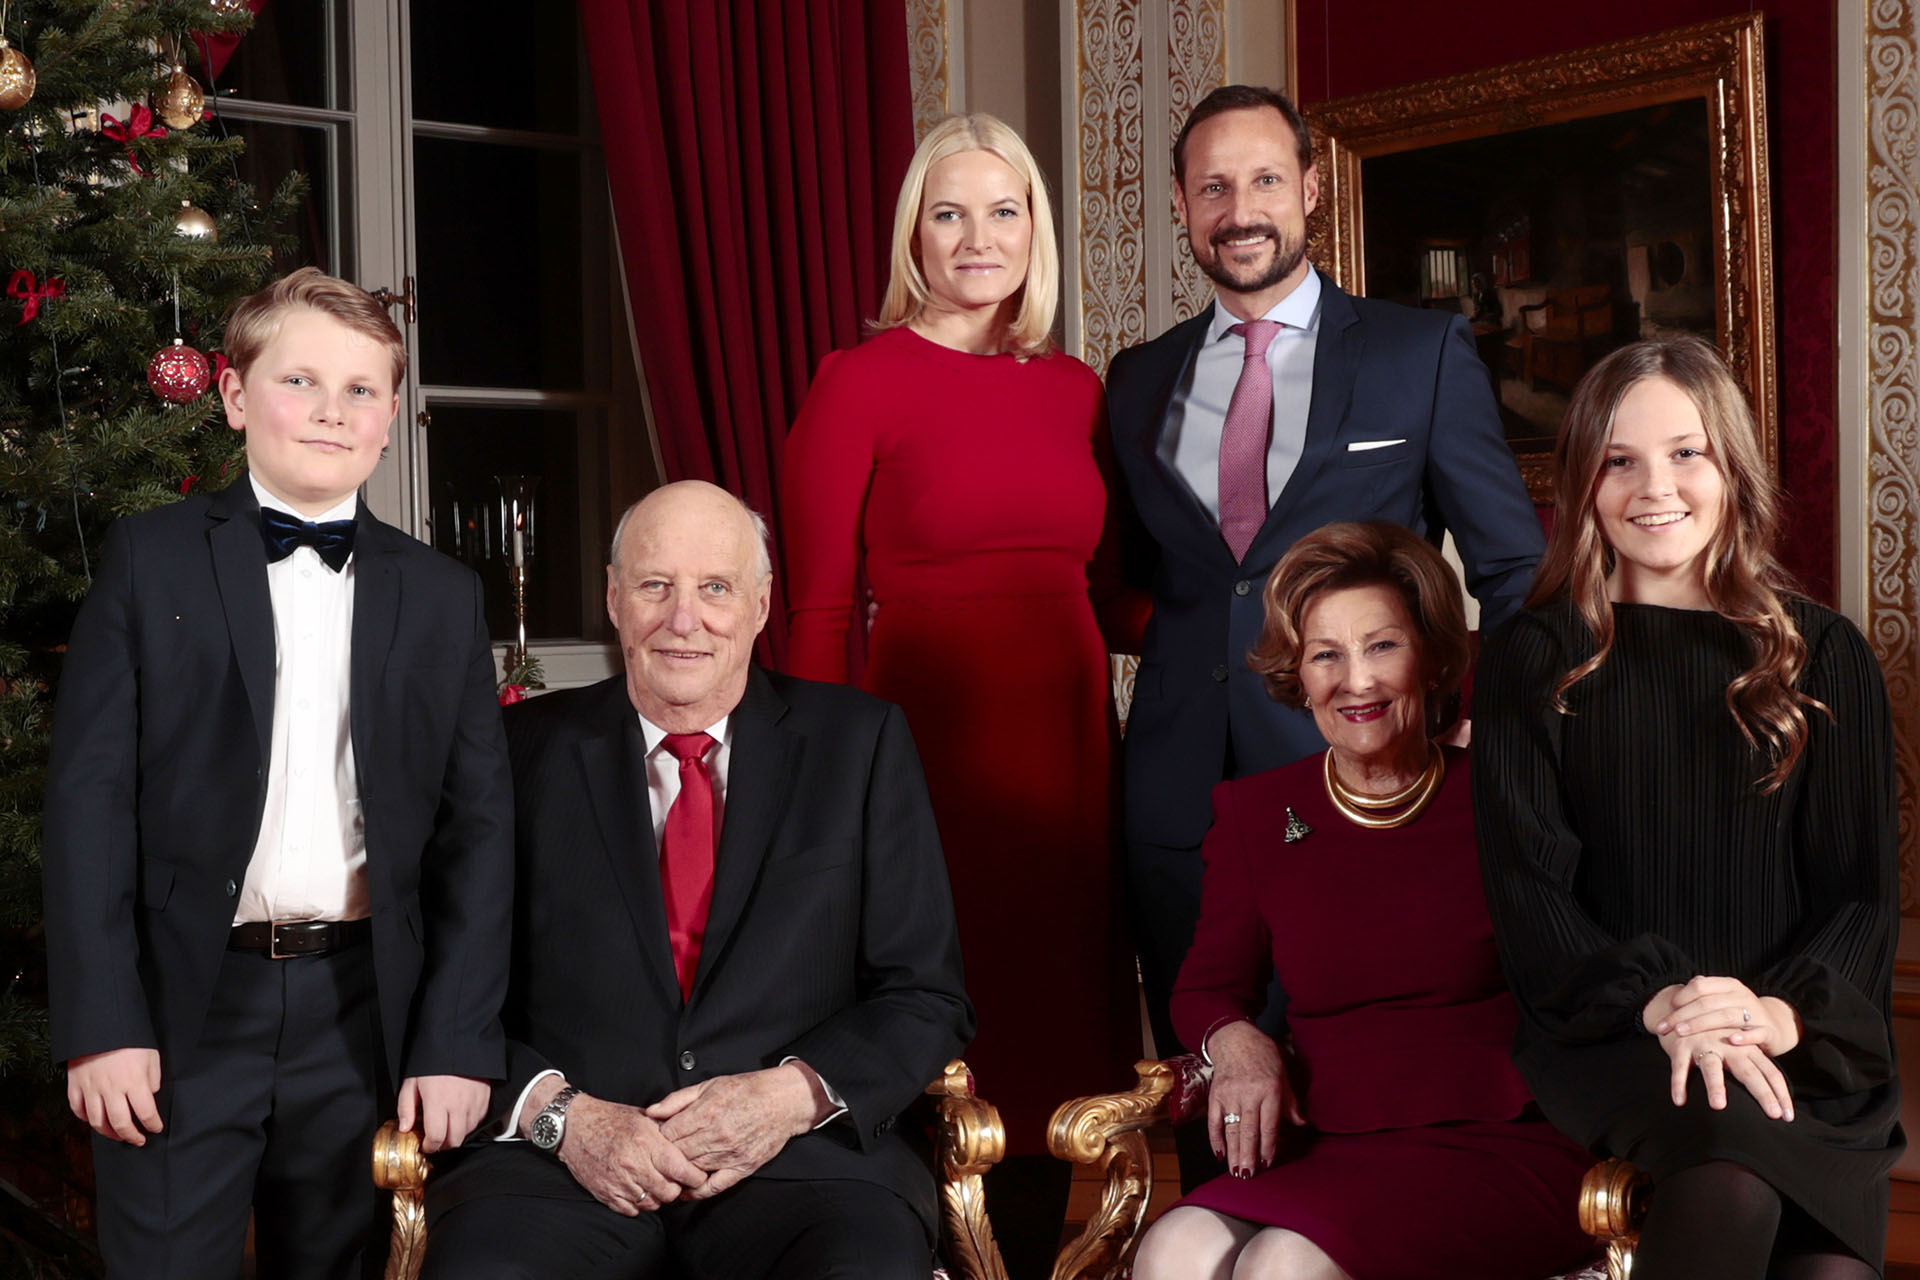 La familia real de Noruega posa para una sesión de fotos navideña, en el Palacio de Oslo